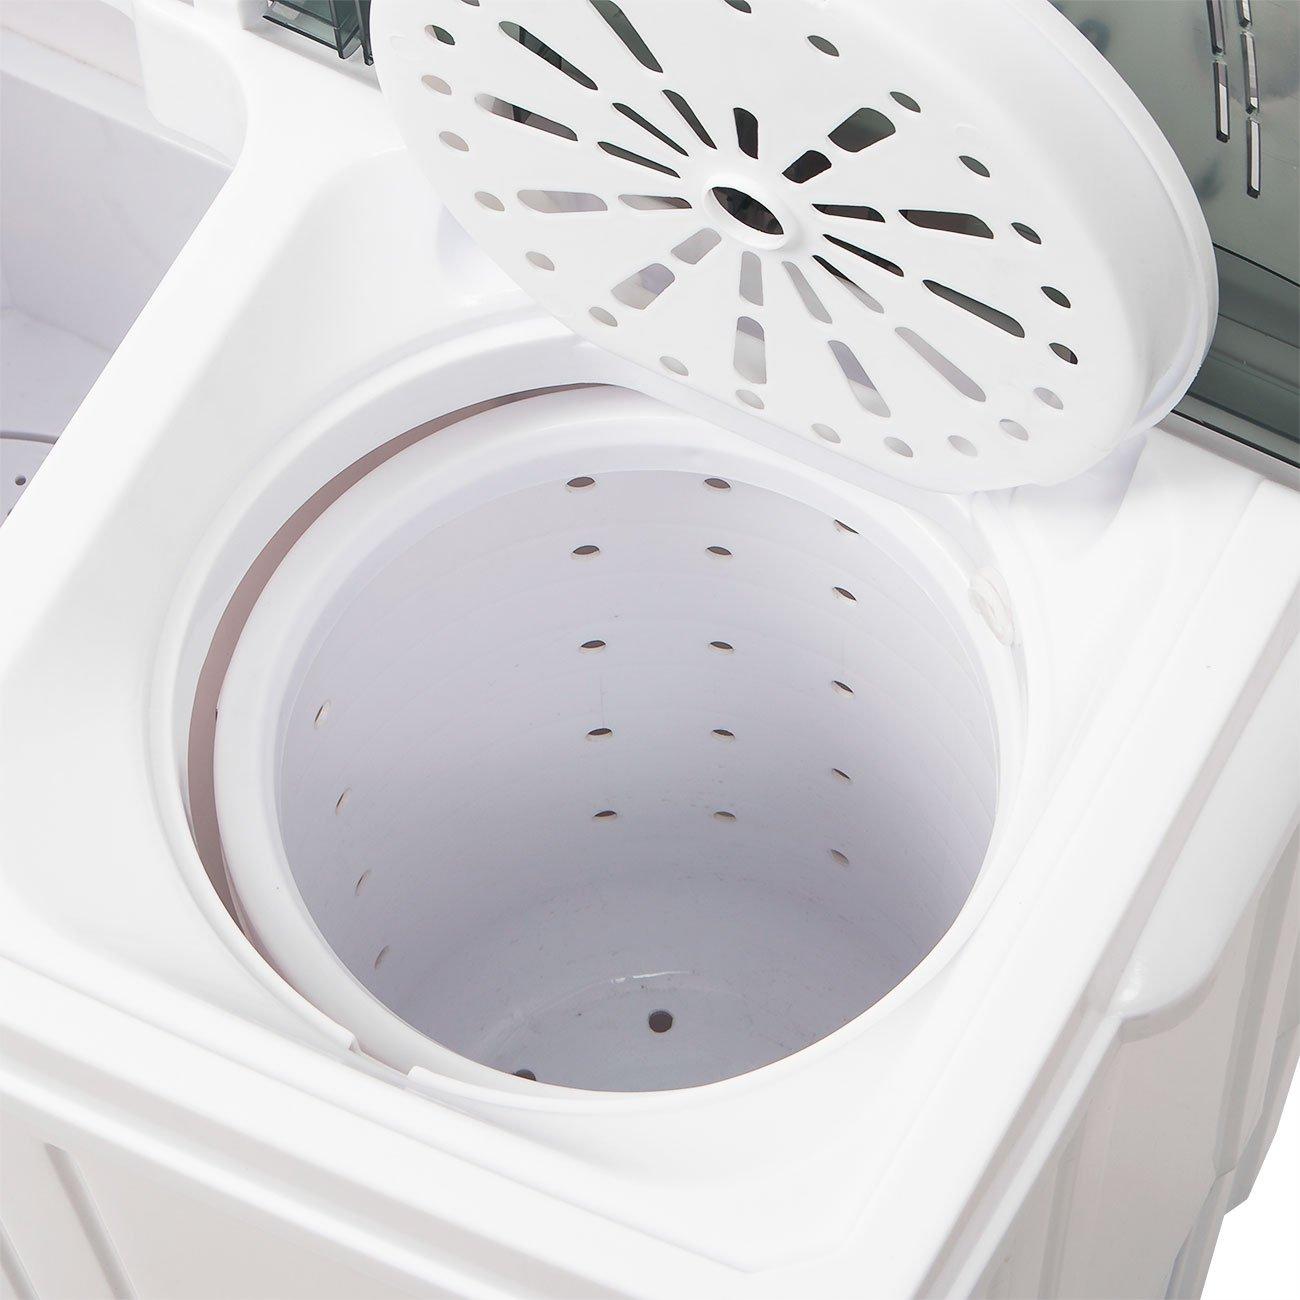 Beautiful Apartment Washer Dryer Images Amazing House Decorating